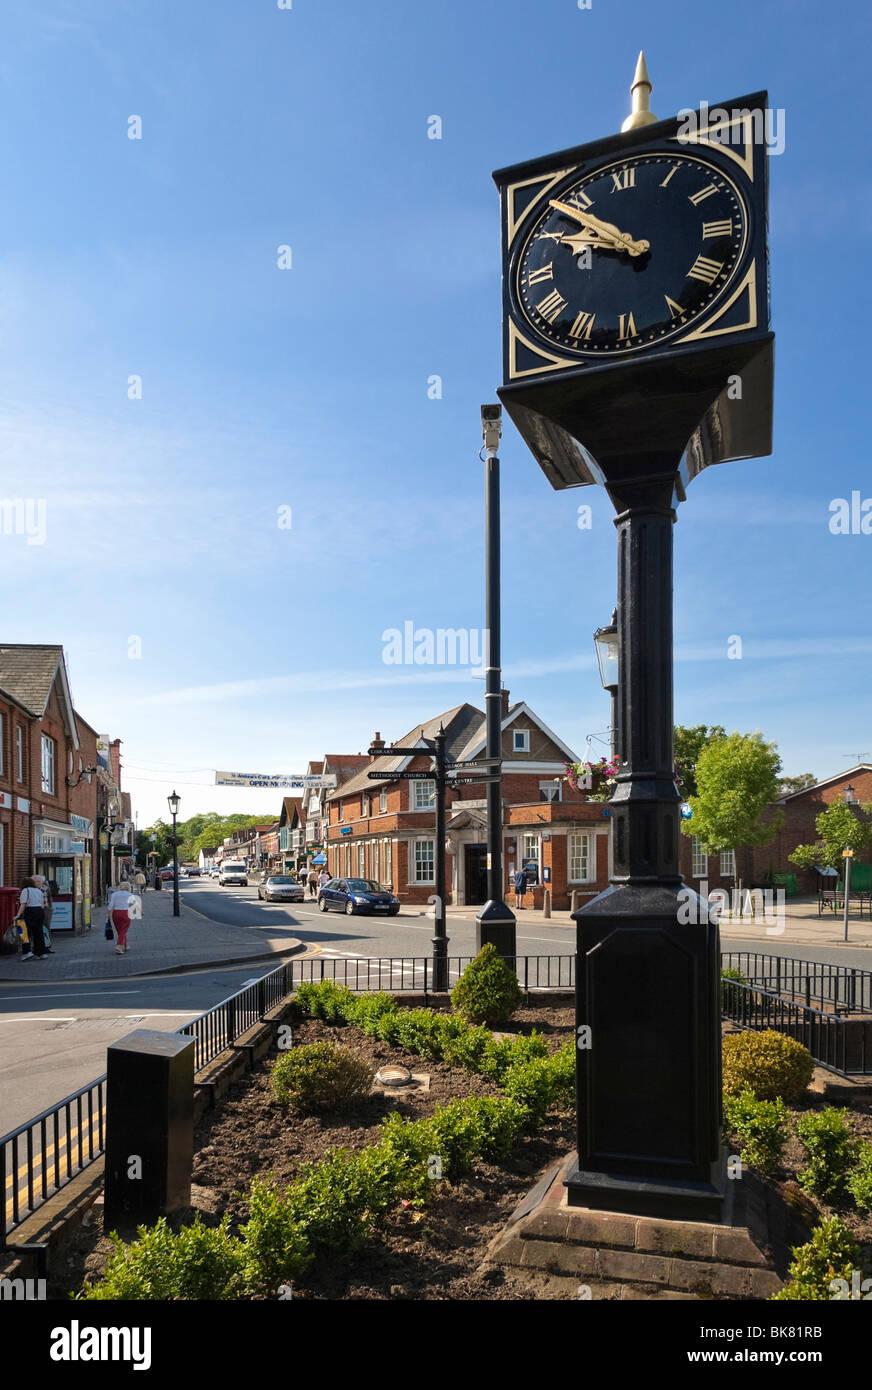 Stadt Uhr auf der Hauptstraße in Cobham, Surrey, England, UK Stockbild